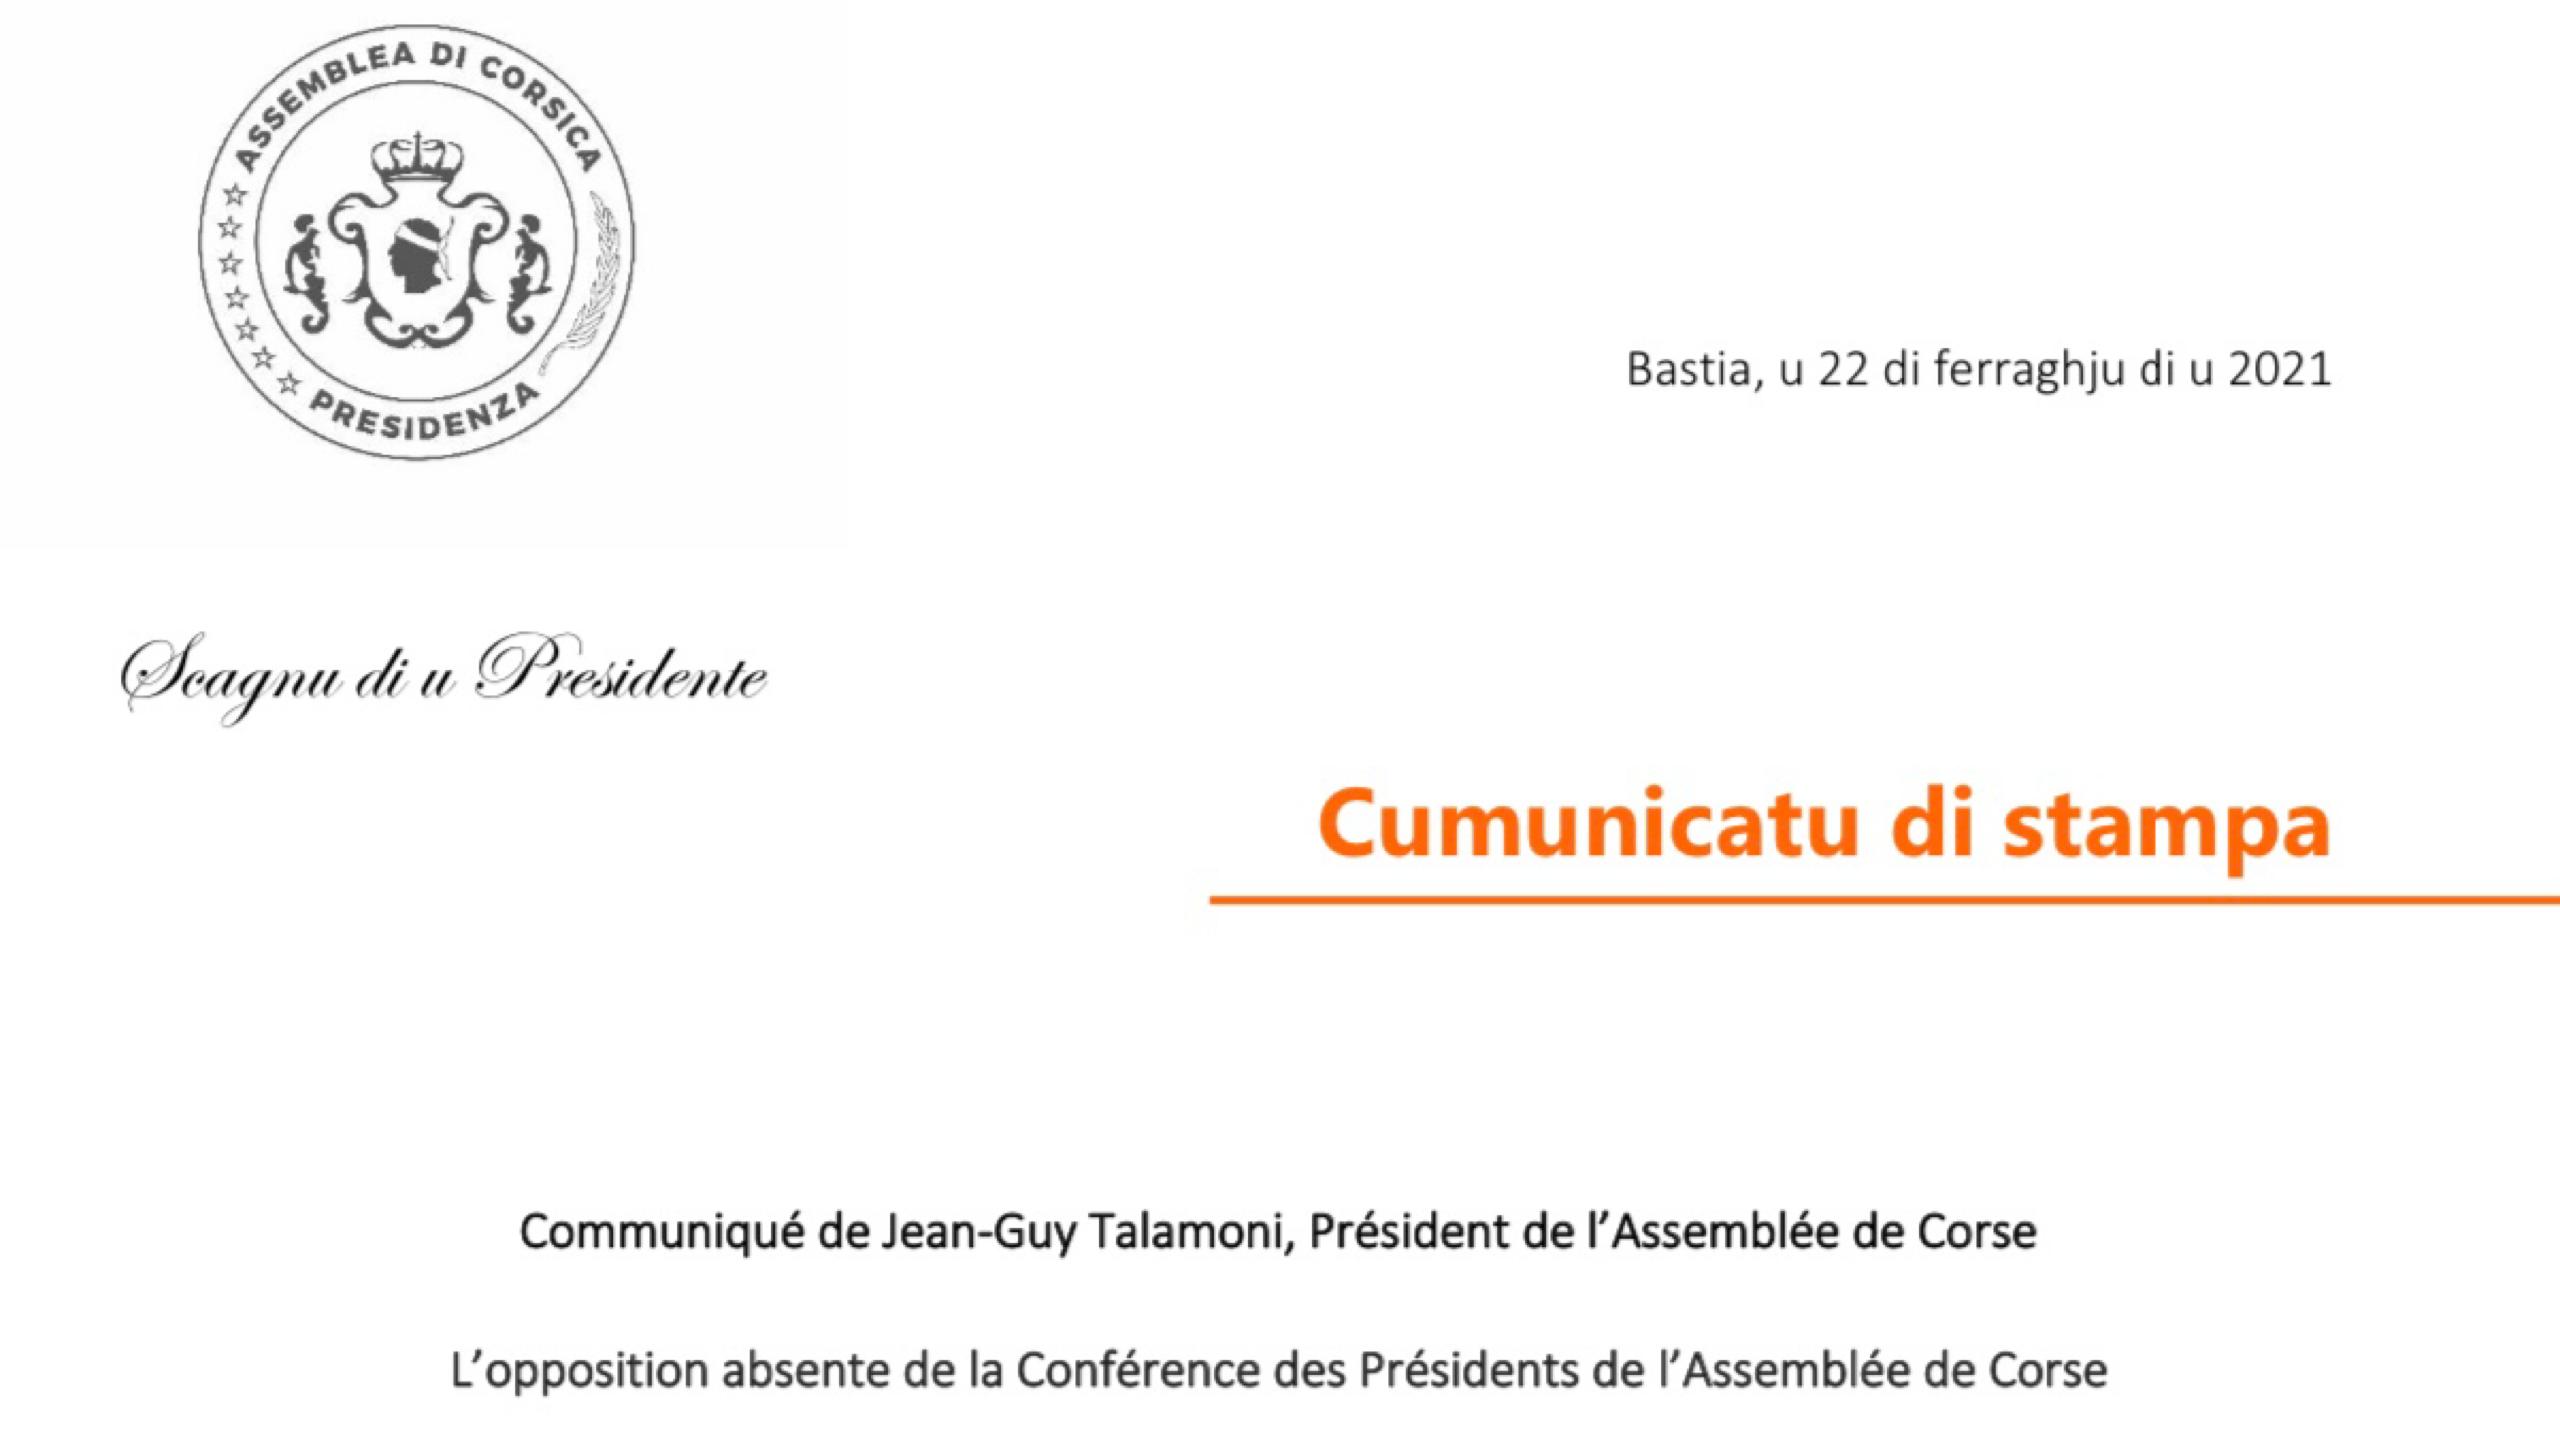 L'opposition absente de la Conférence des Présidents de l'Assemblée de Corse